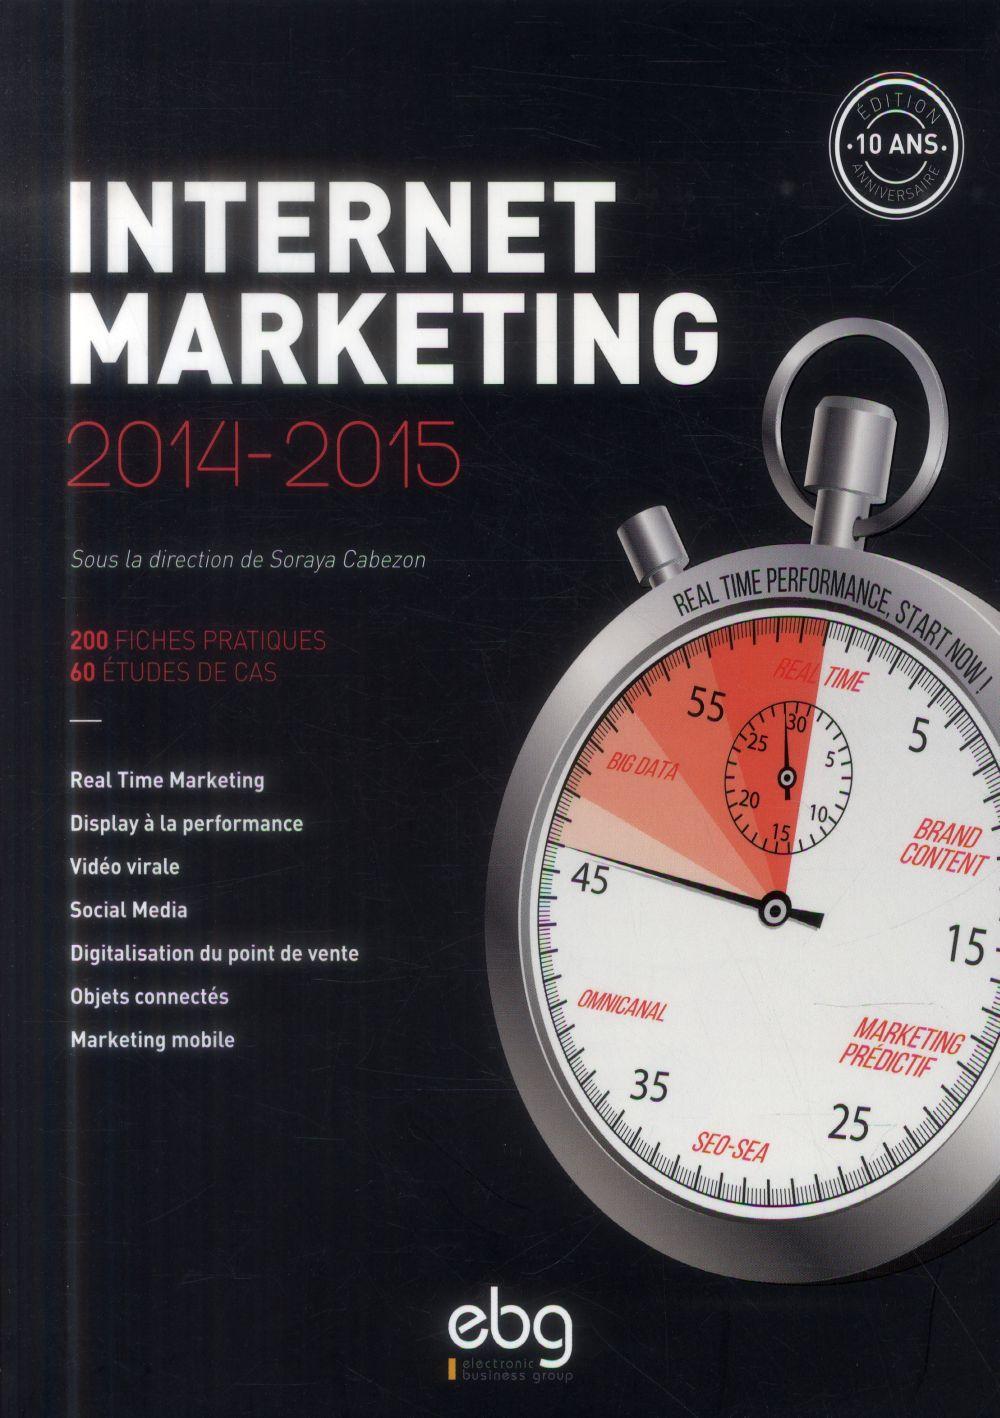 Internet marketing 2014-2015 ; 200 fiches pratiques ; 60 études de cas